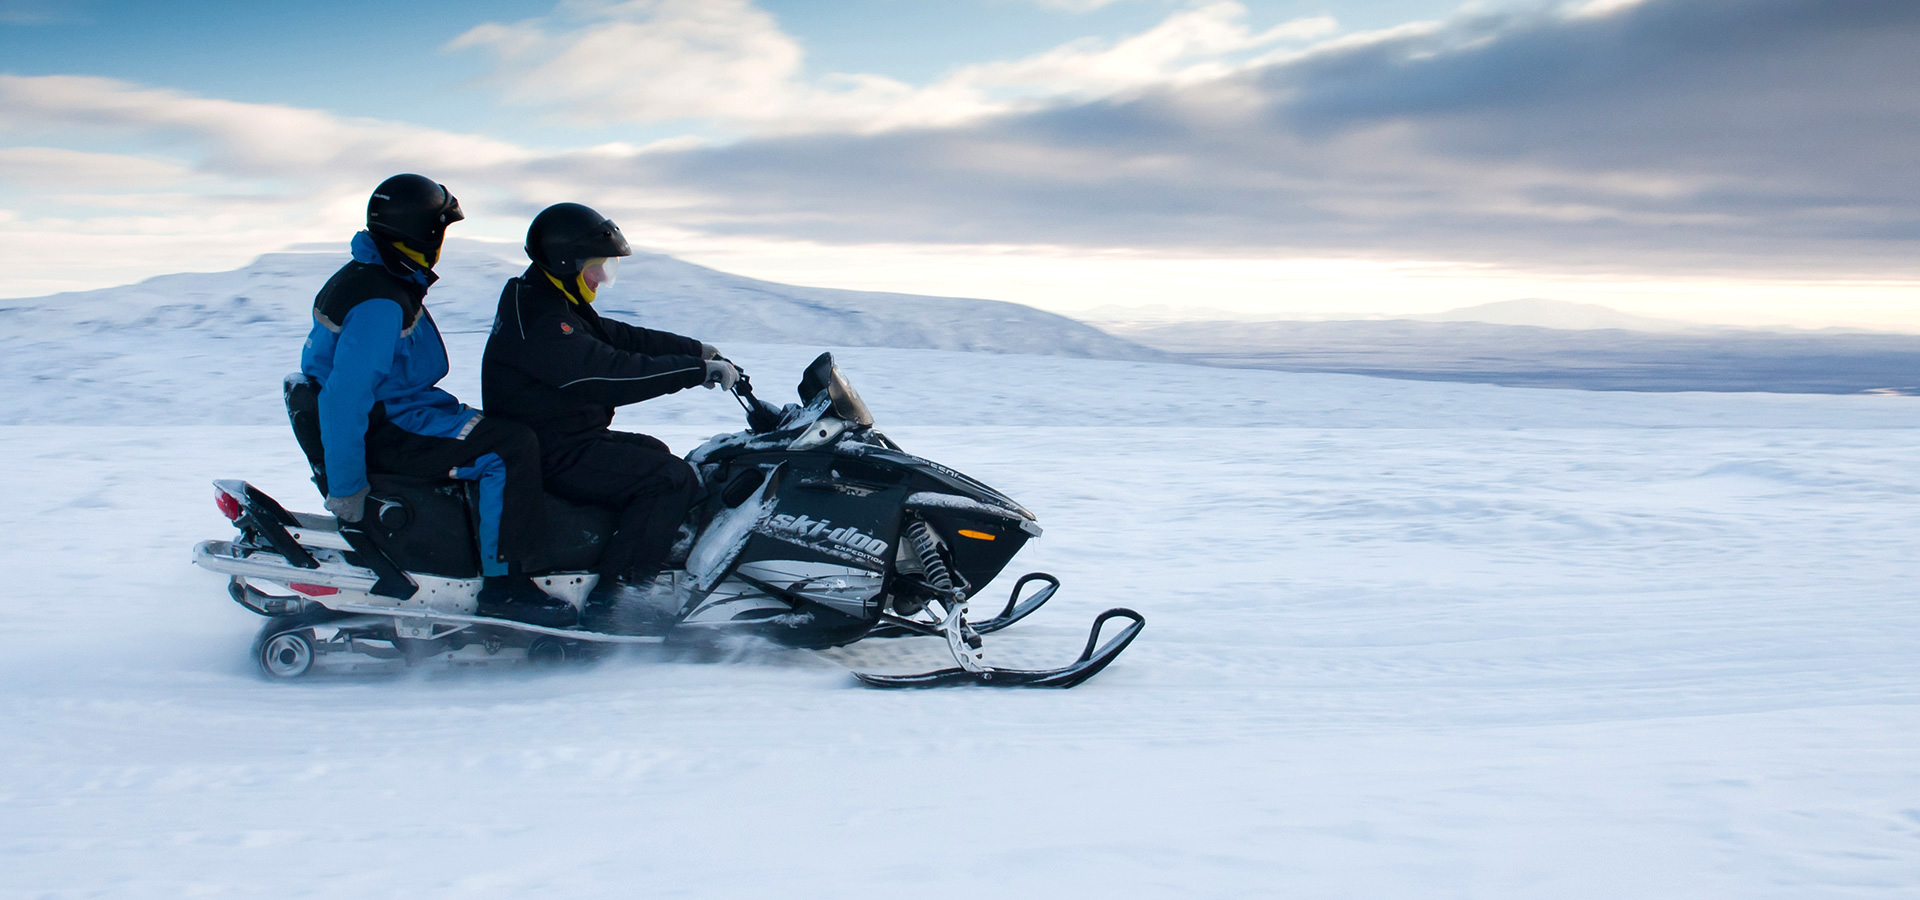 En dagstur på snescooter sørger for en actionfyldt eftermiddag i Island.